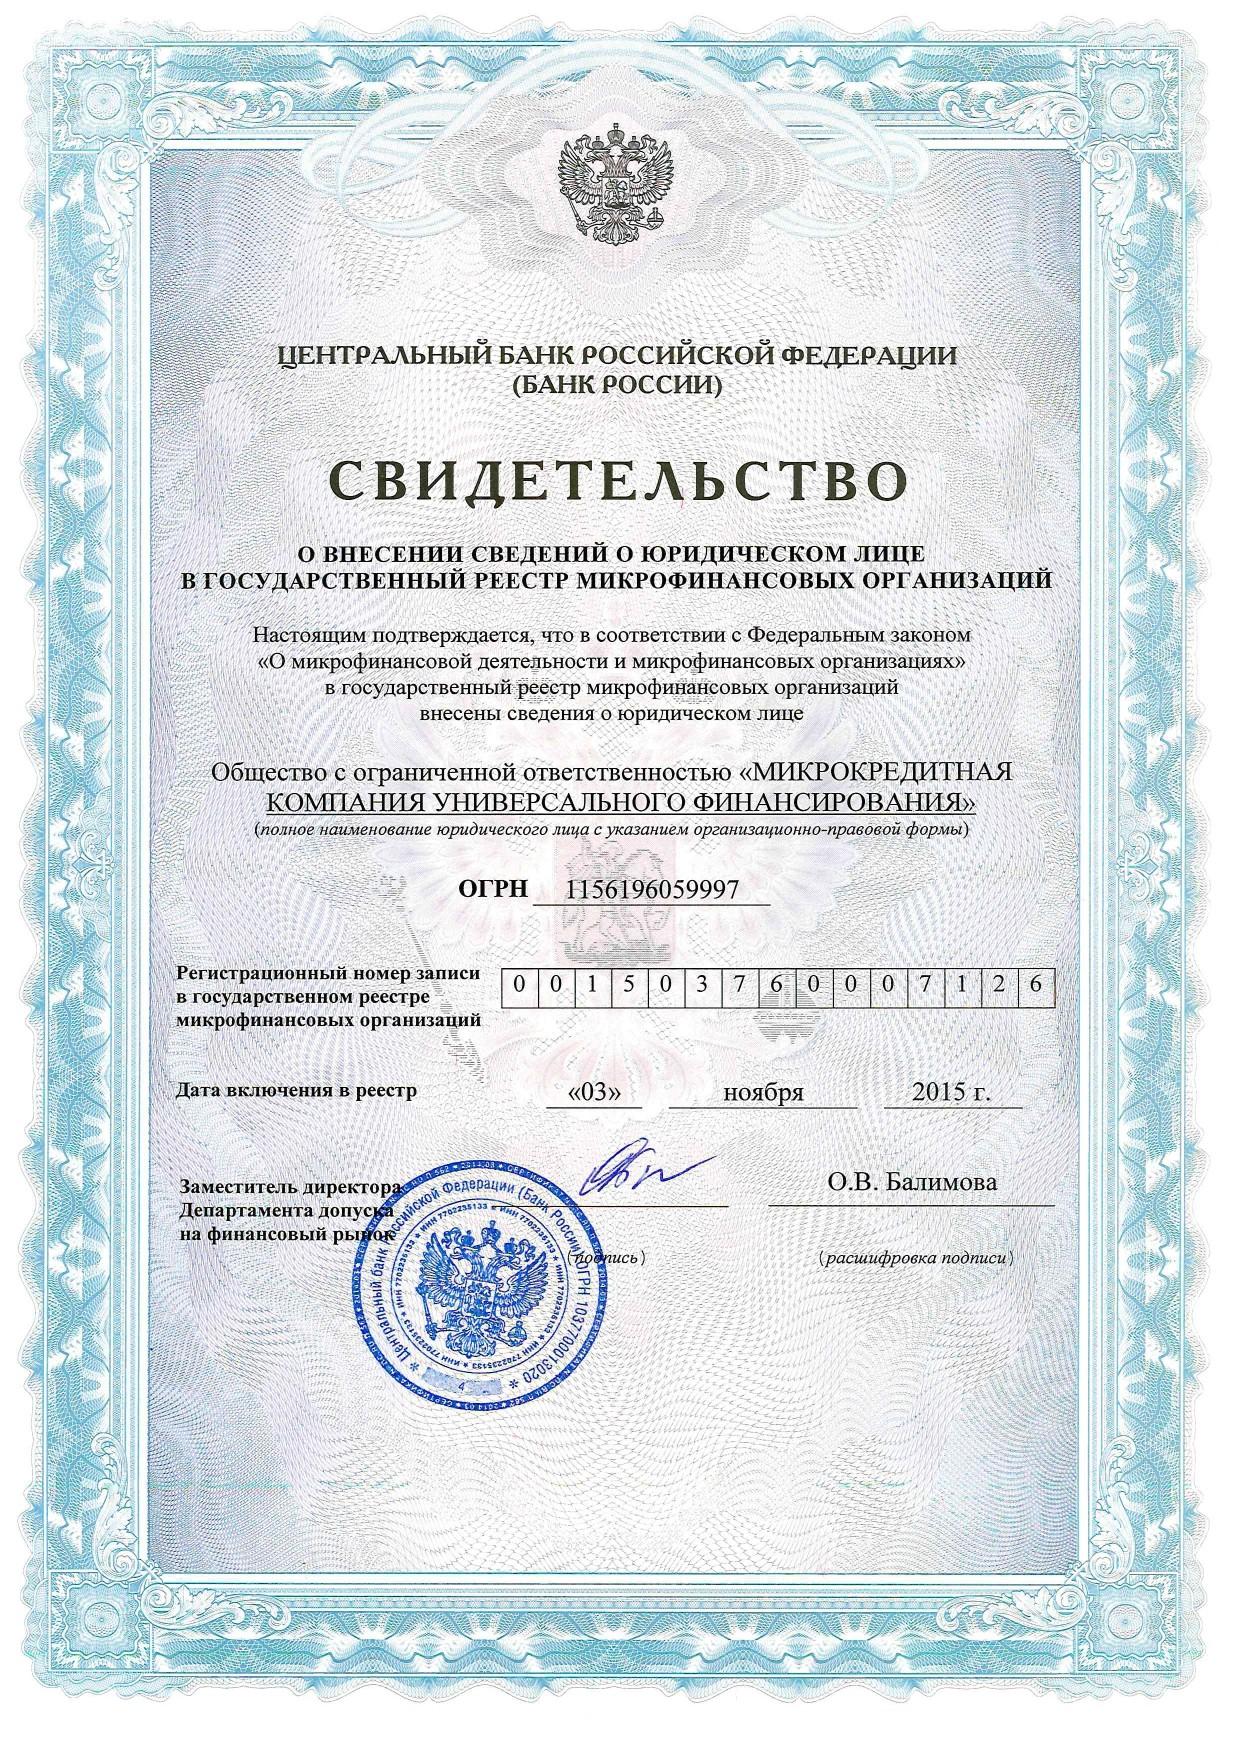 cashtoyou ru личный кабинет войтисейф займ отписаться от платных услуг